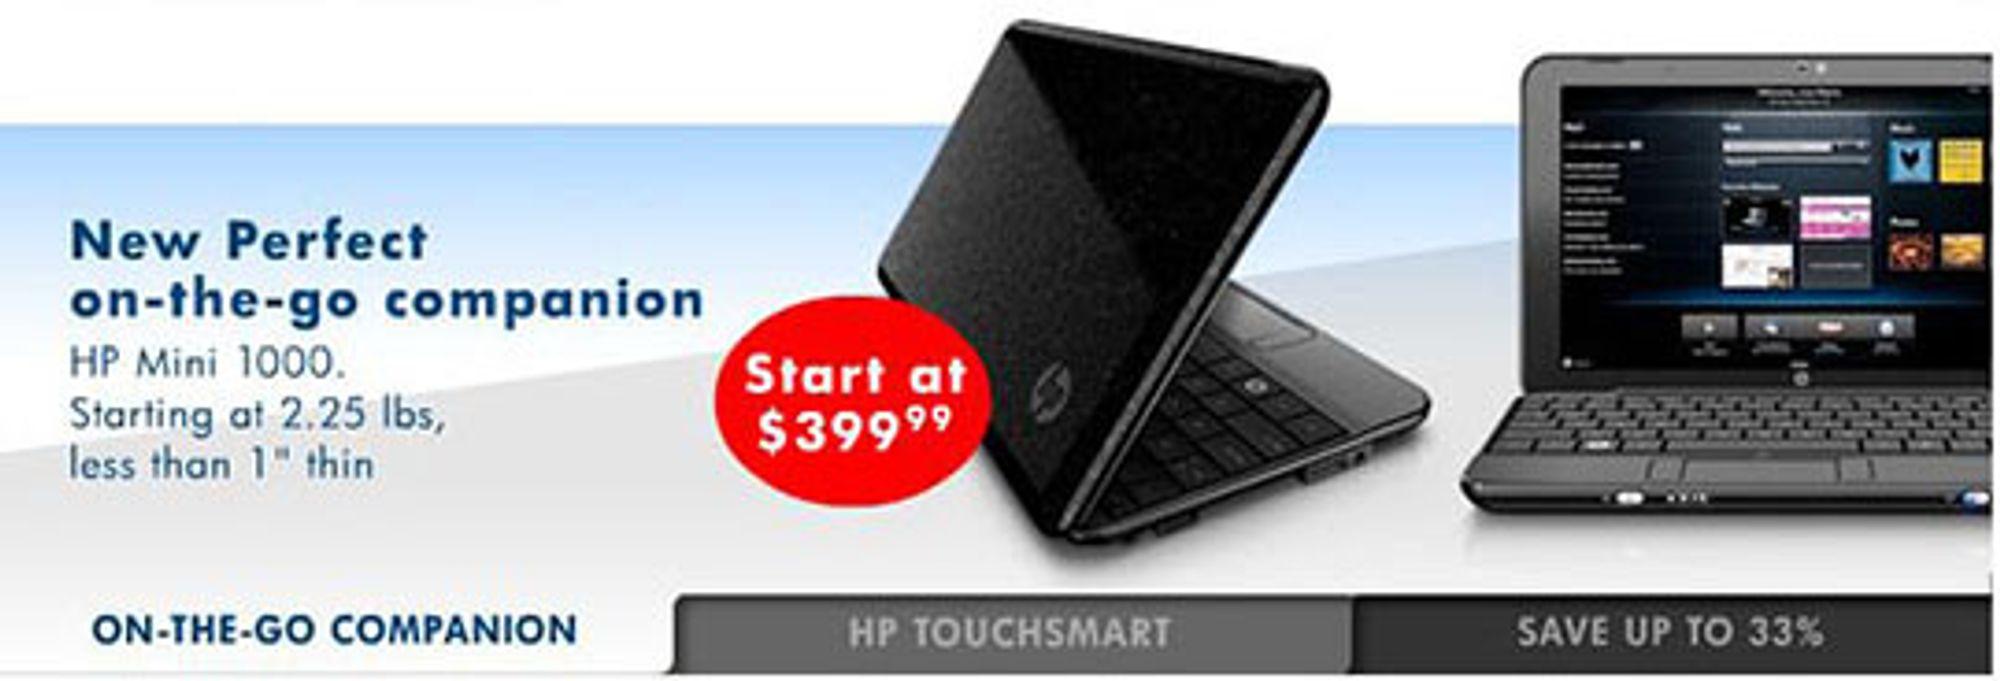 Reklamen på HPs nettbutikk